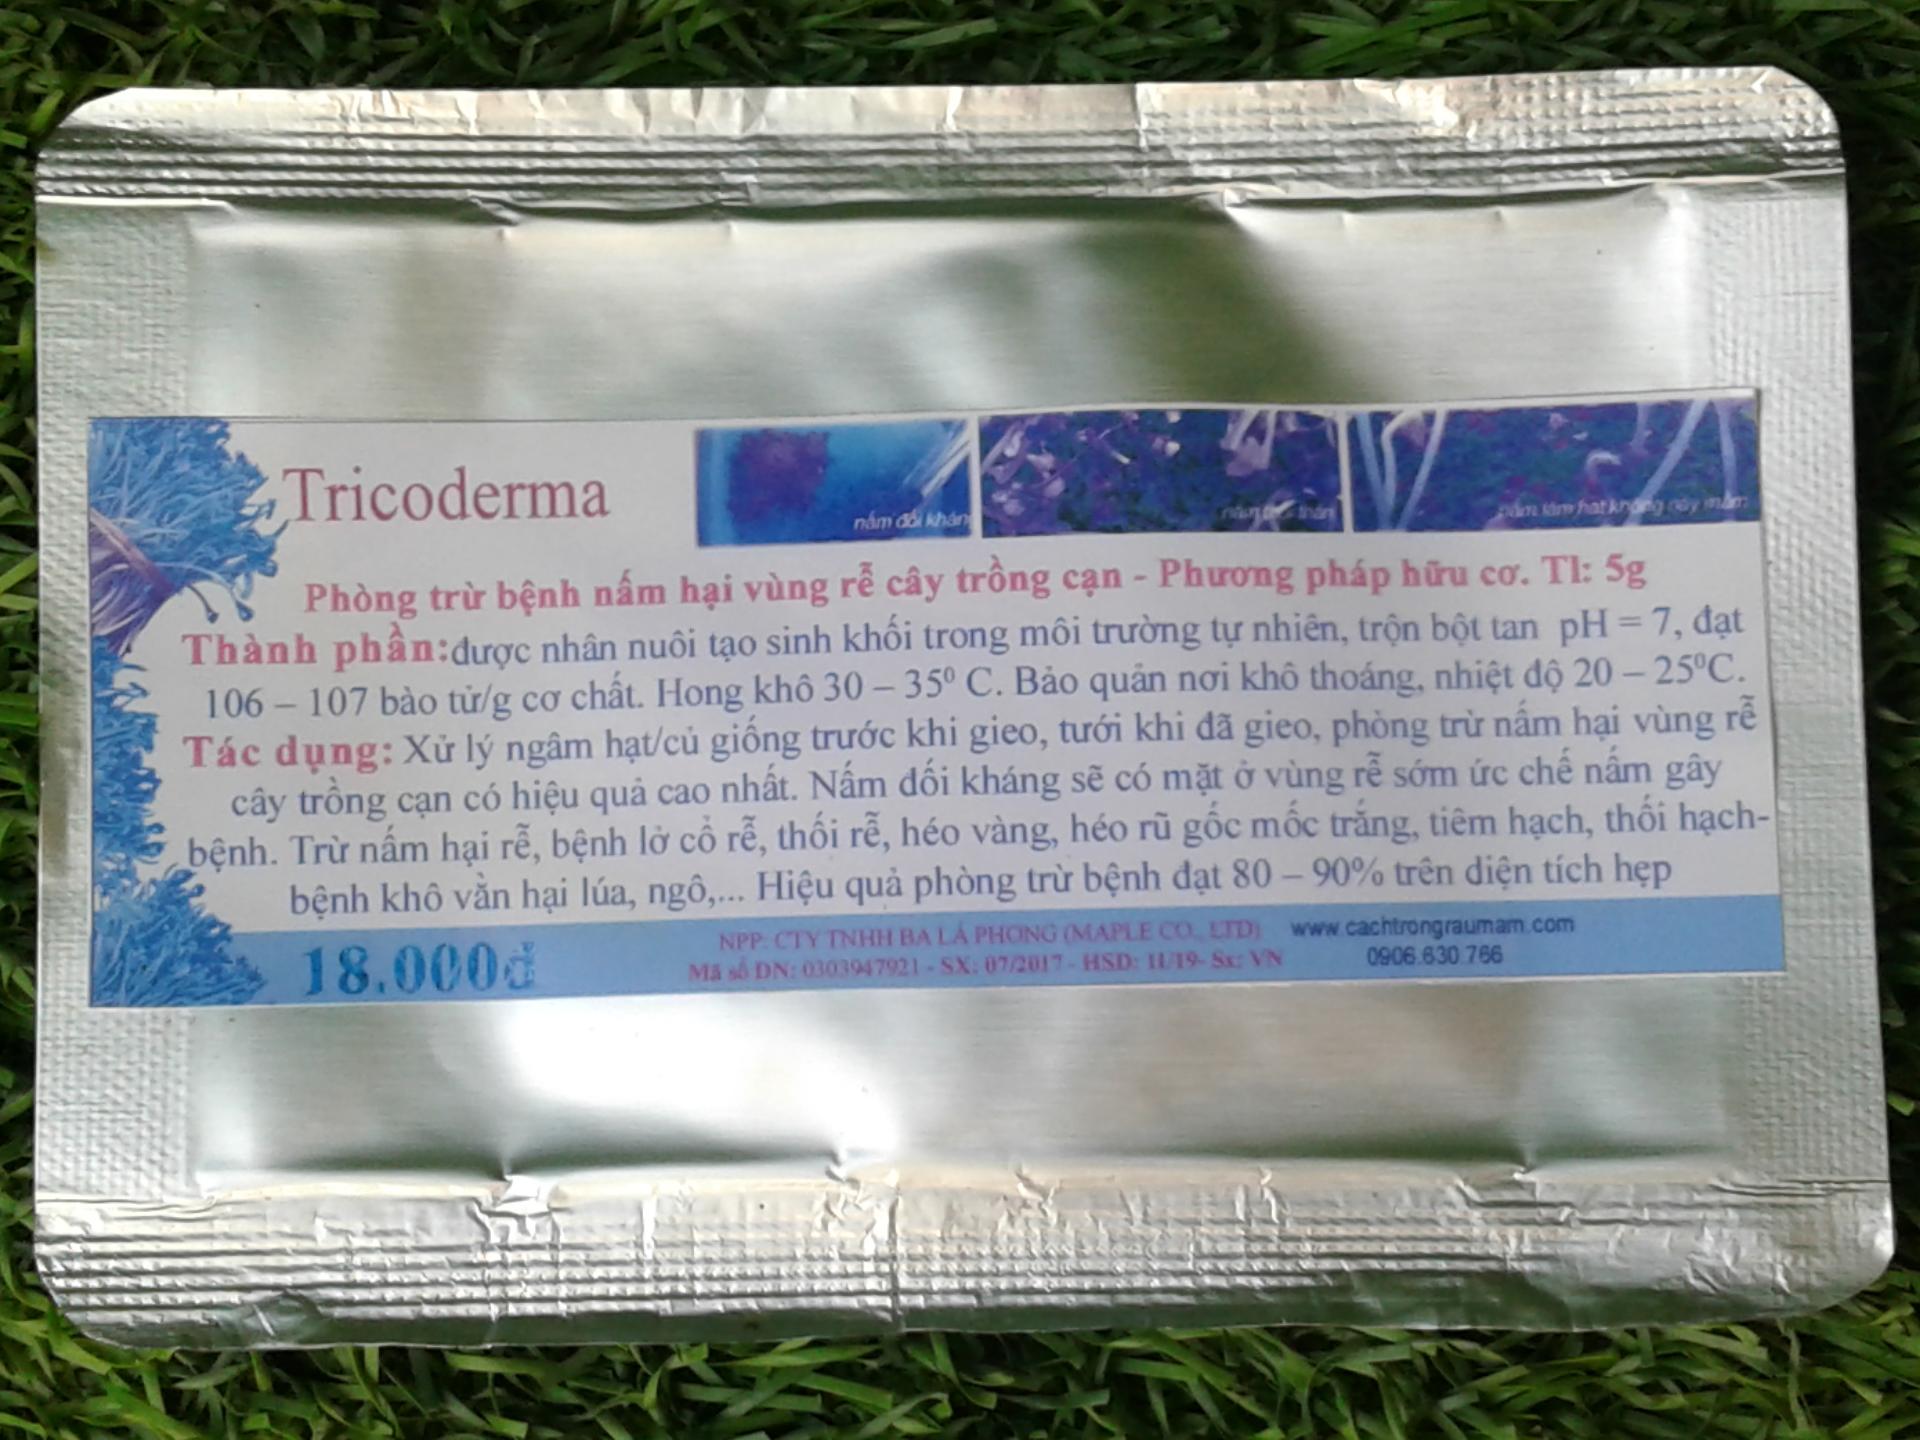 Trichoderma có chứa các chủng nấm có lợi giúp ức chế rệp sáp vùng rễ